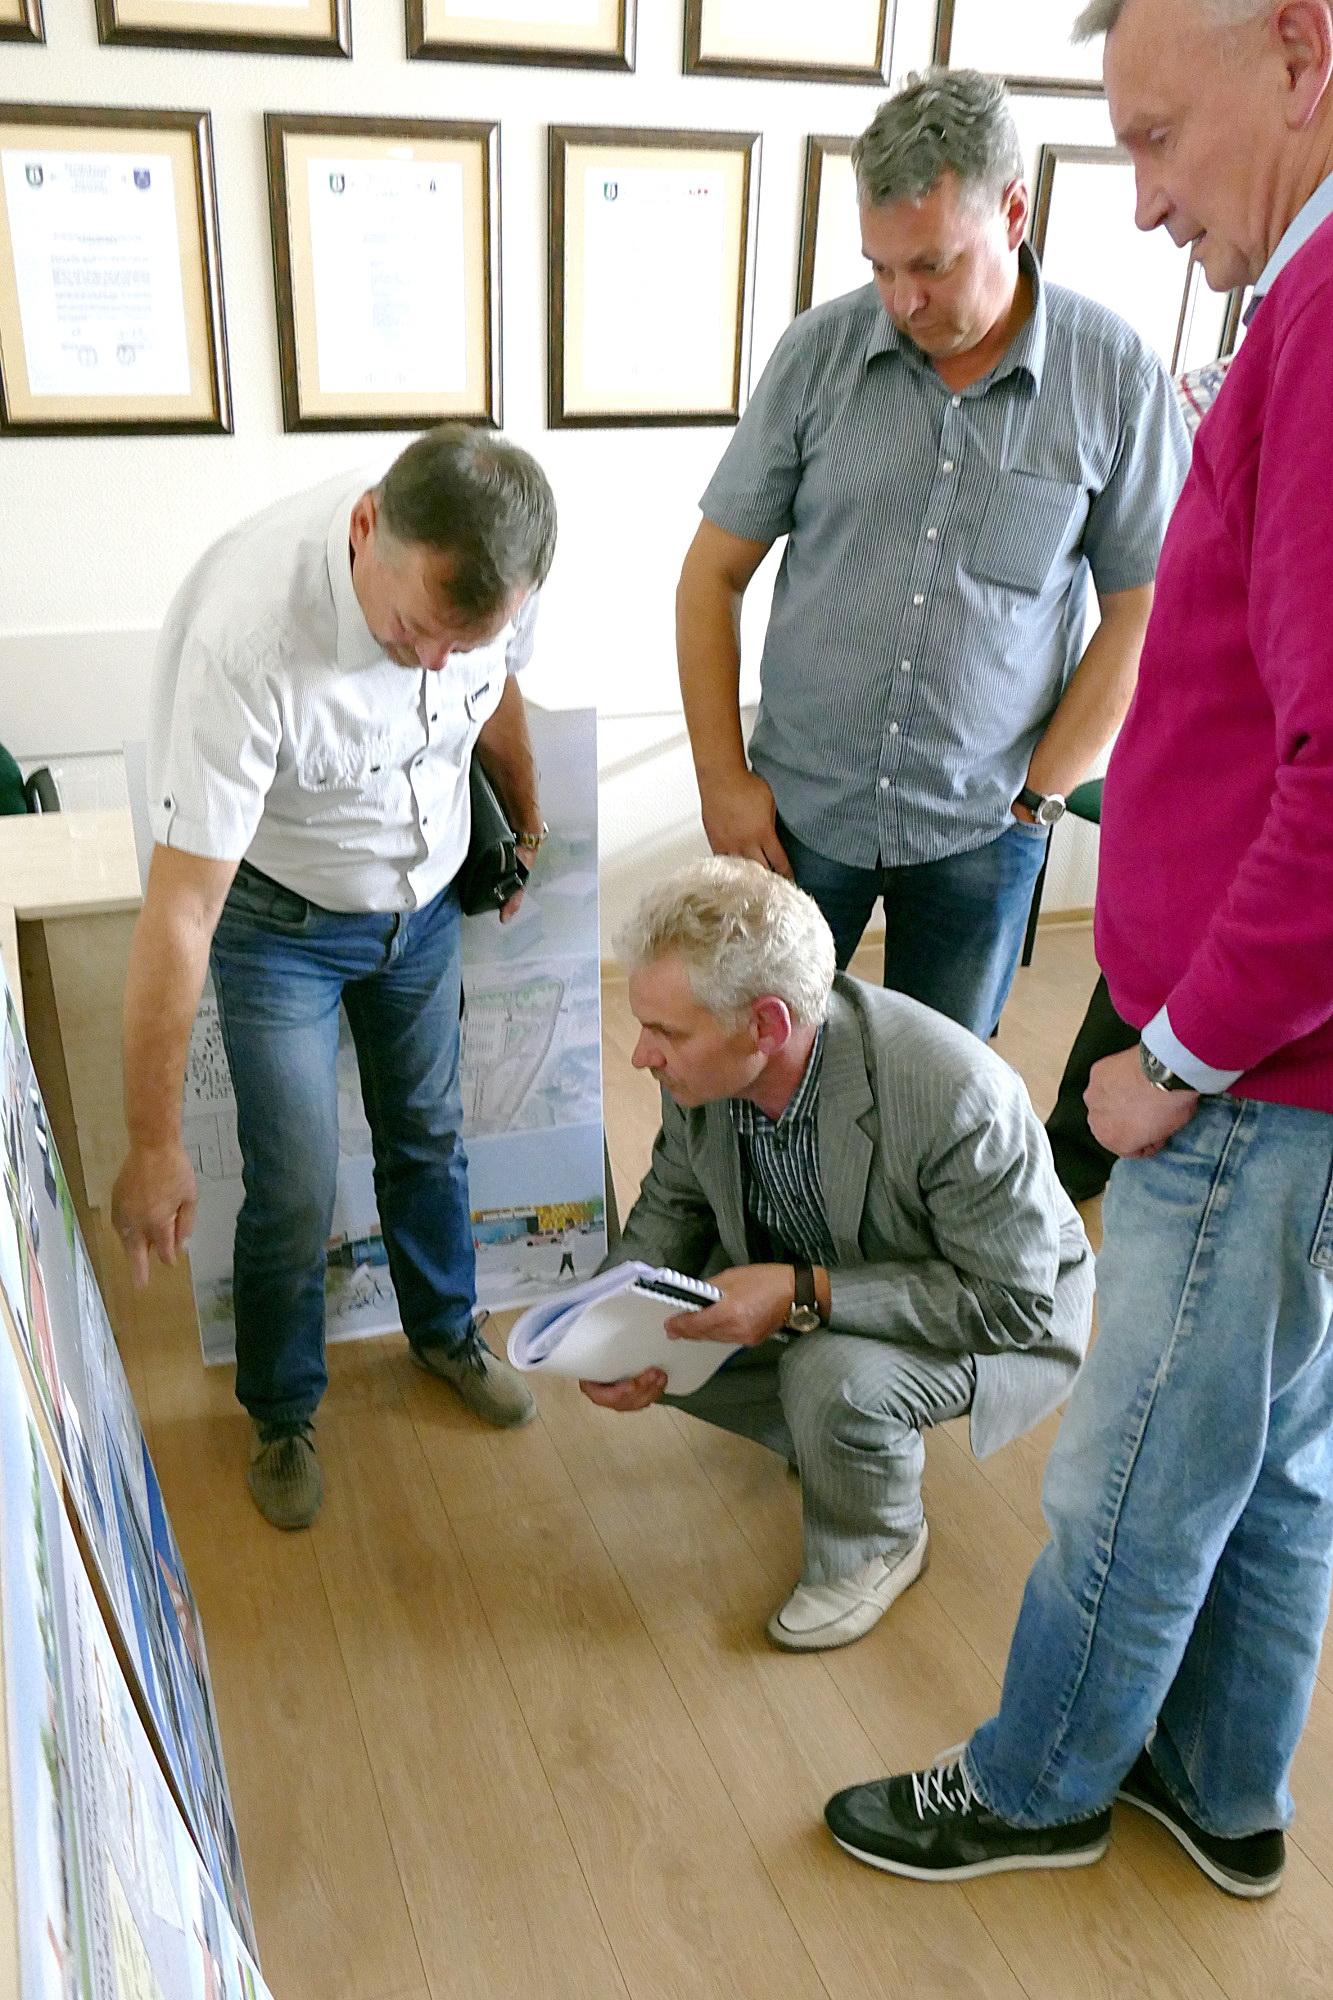 Iš kairės: Tarybos nariai Vladas Kainovaitis, Vaidas Bendaravičius, Autobusų parko  direktorius Artūras Stonkus ir Tarybos narys Jonas Jatautas įdėmiai apžiūrėjo investicinius siūlymus.